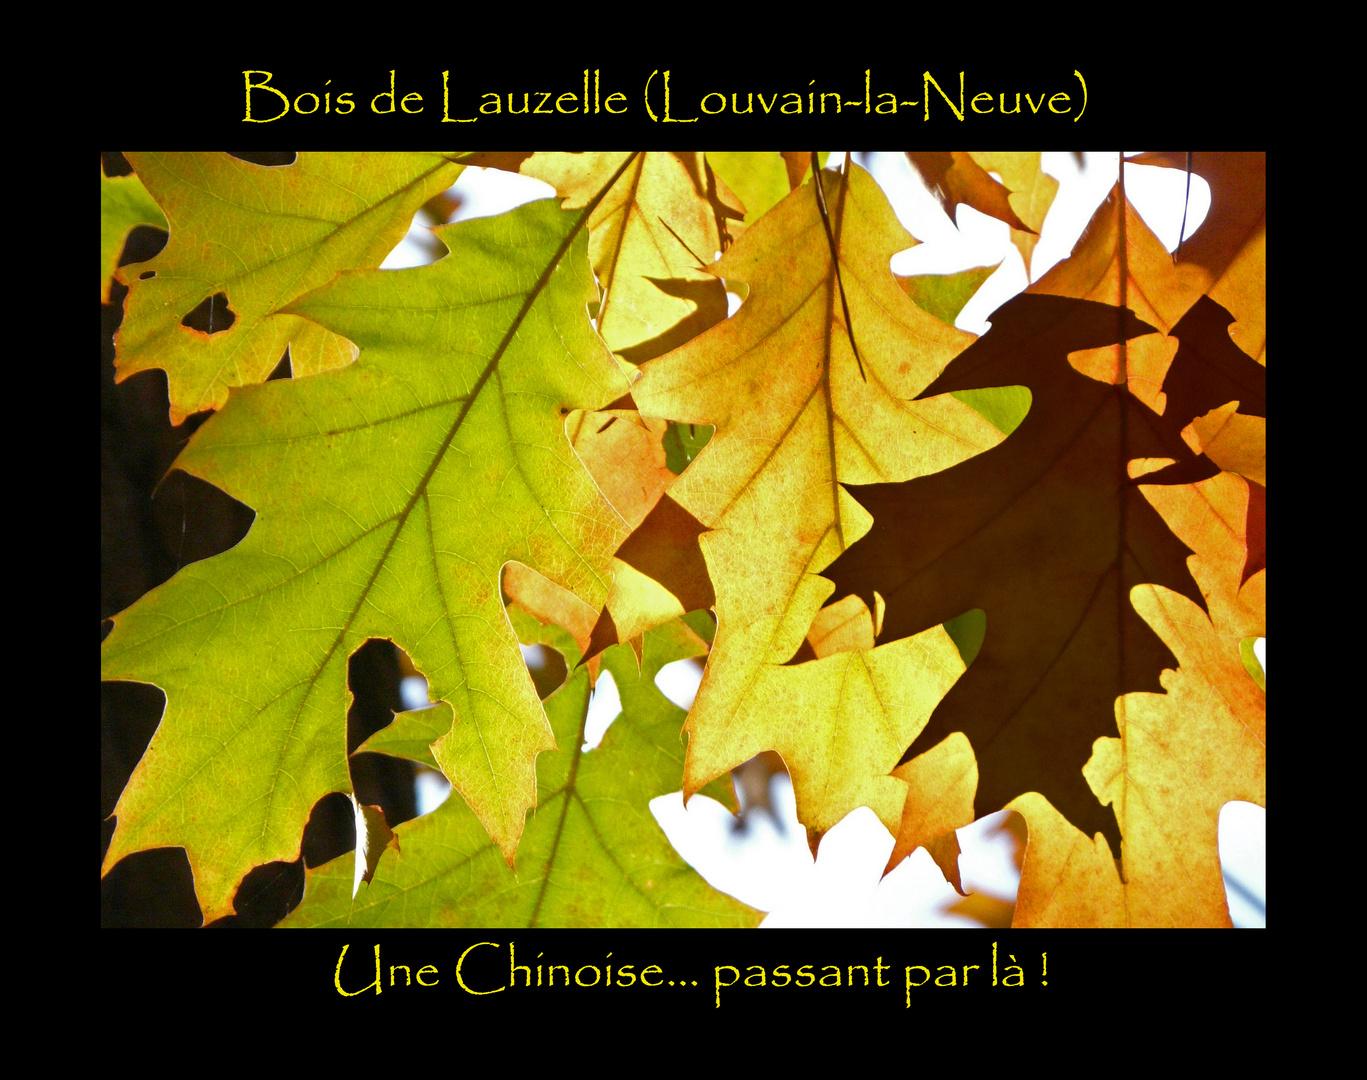 Belgique, Louvain-la-Neuve, Bois de Lauzelle : une Chinoise... passant par là !